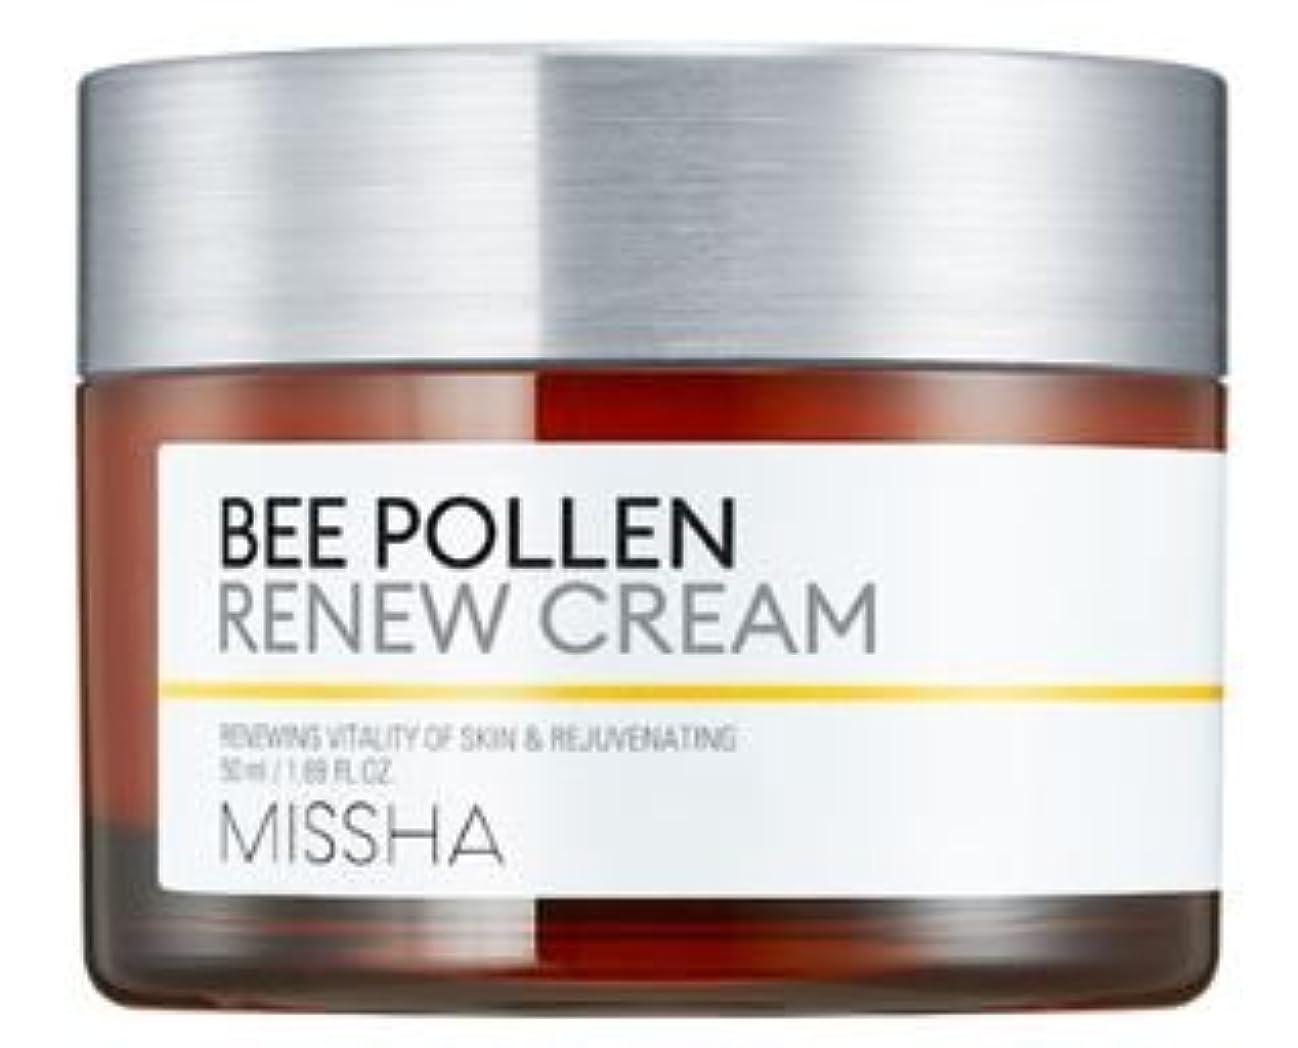 ペネロペモニカ遠征[Missha] Bee Pollen Renew Cream 50ml/[ミシャ] ビーポレンリニュークリーム50ml [並行輸入品]